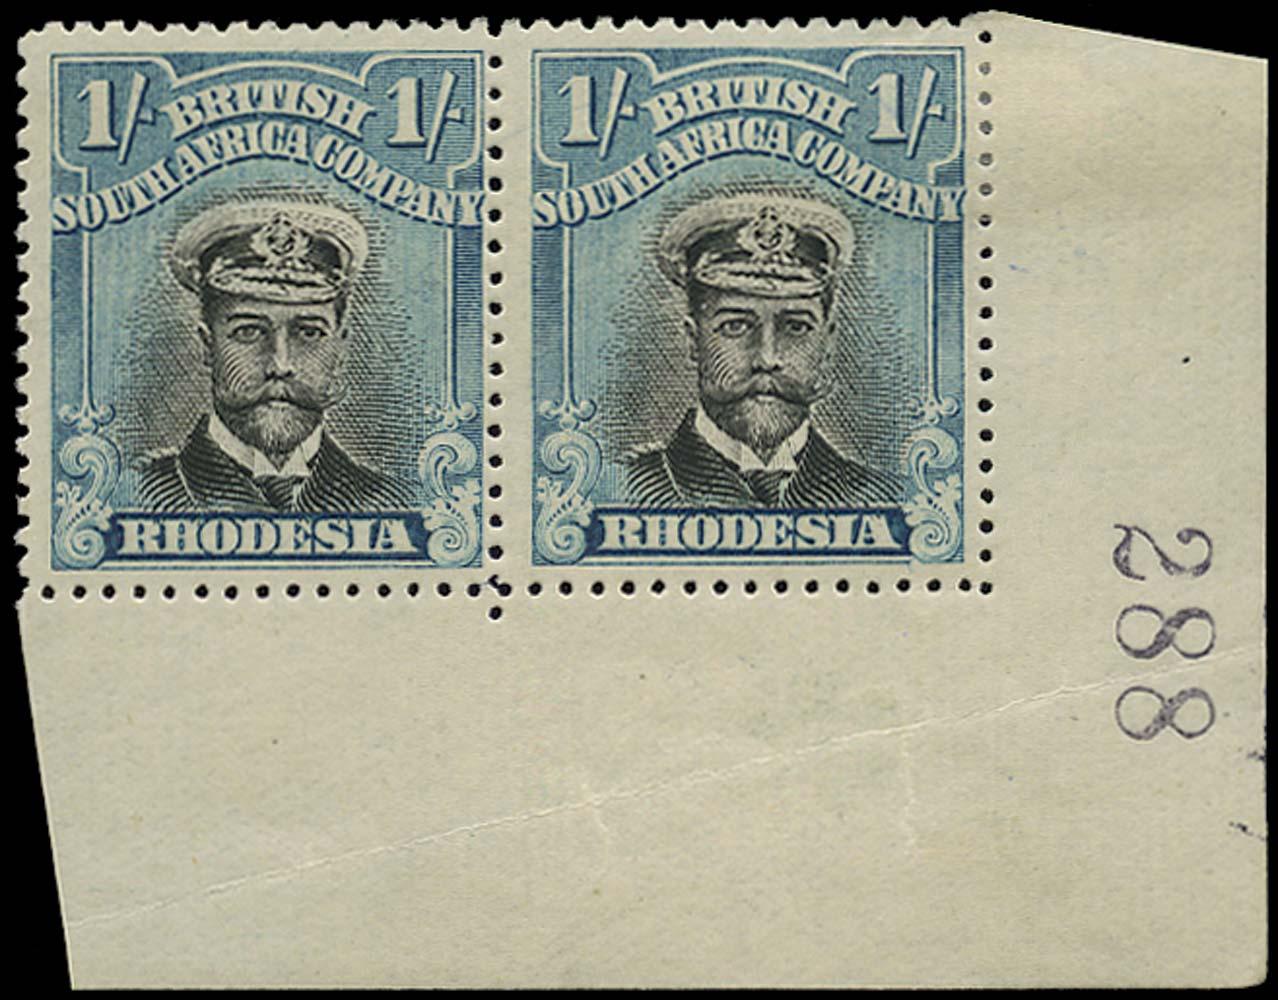 RHODESIA 1913  SG248 Mint Admiral 1s head die II perf 15 pair with sheet number